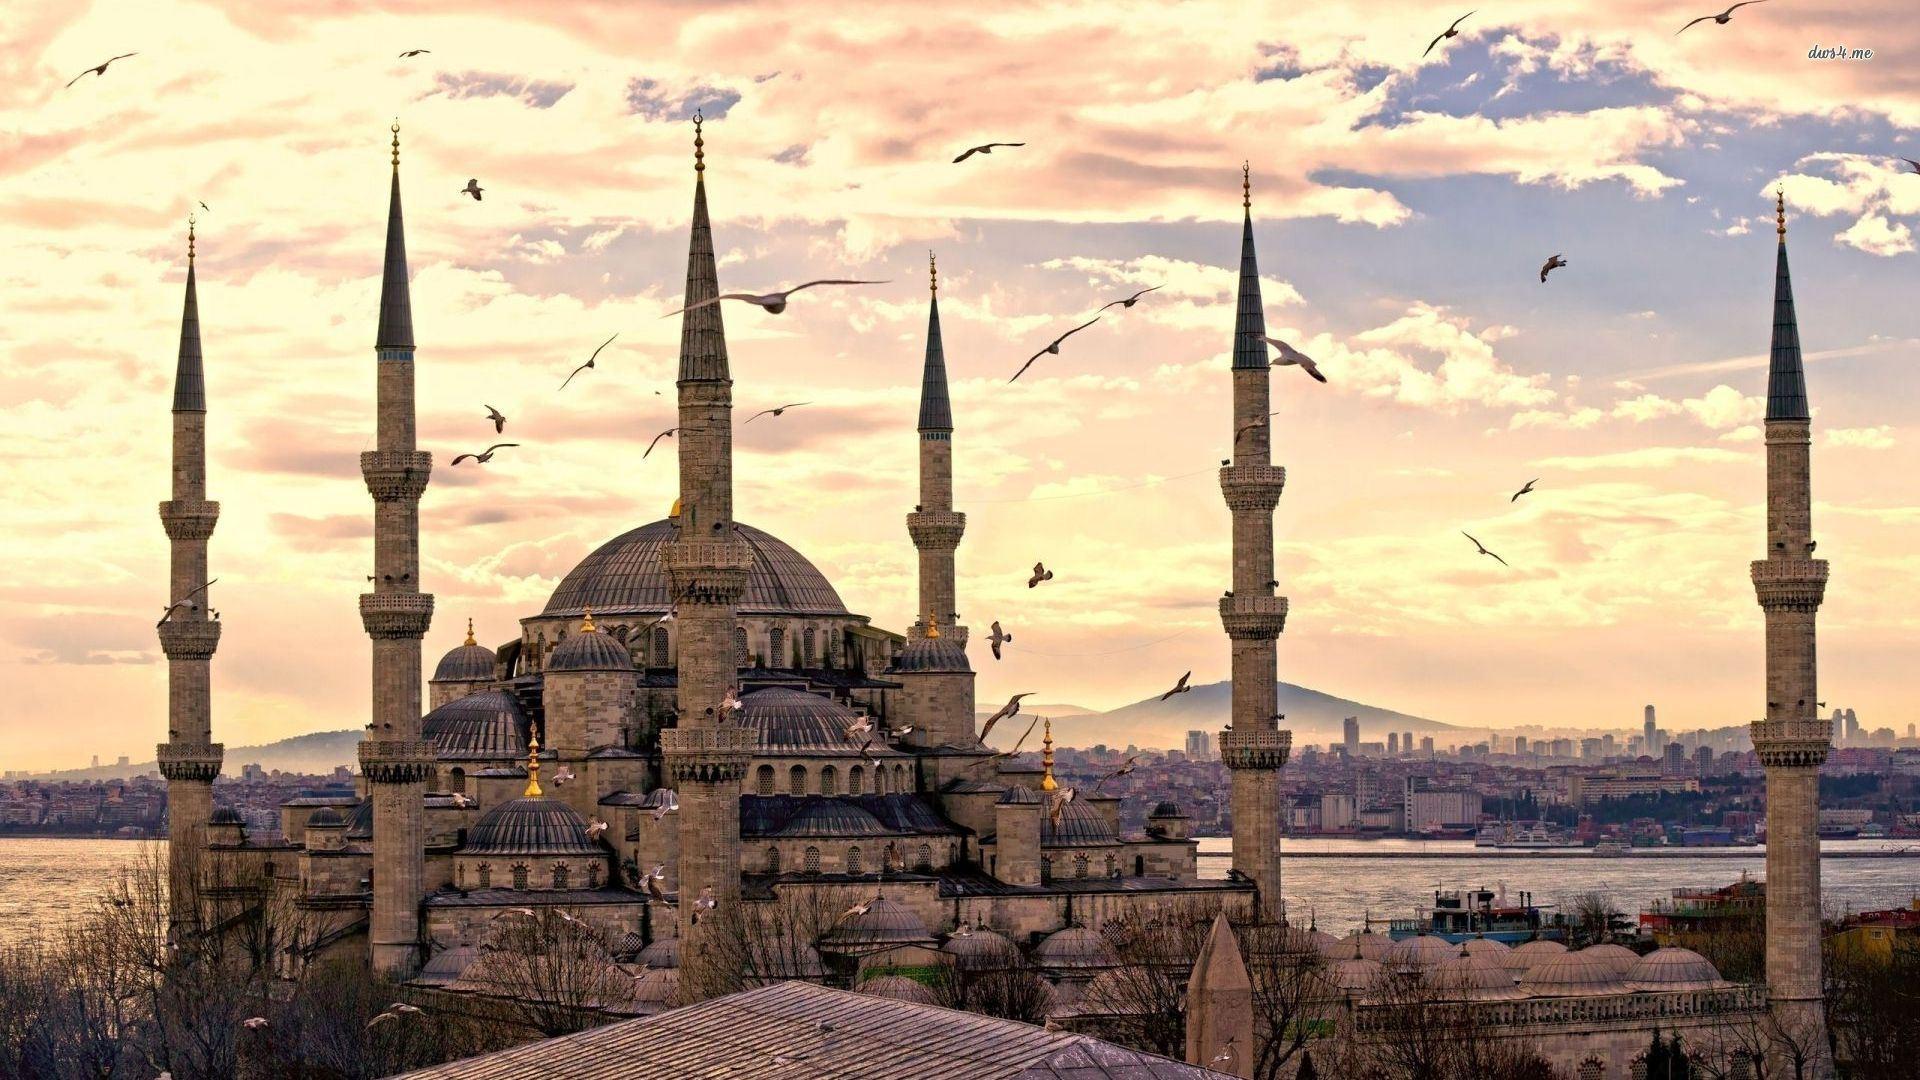 تركيا اسطنبول اهم الاماكن السياحية مسجد السلطان احمد